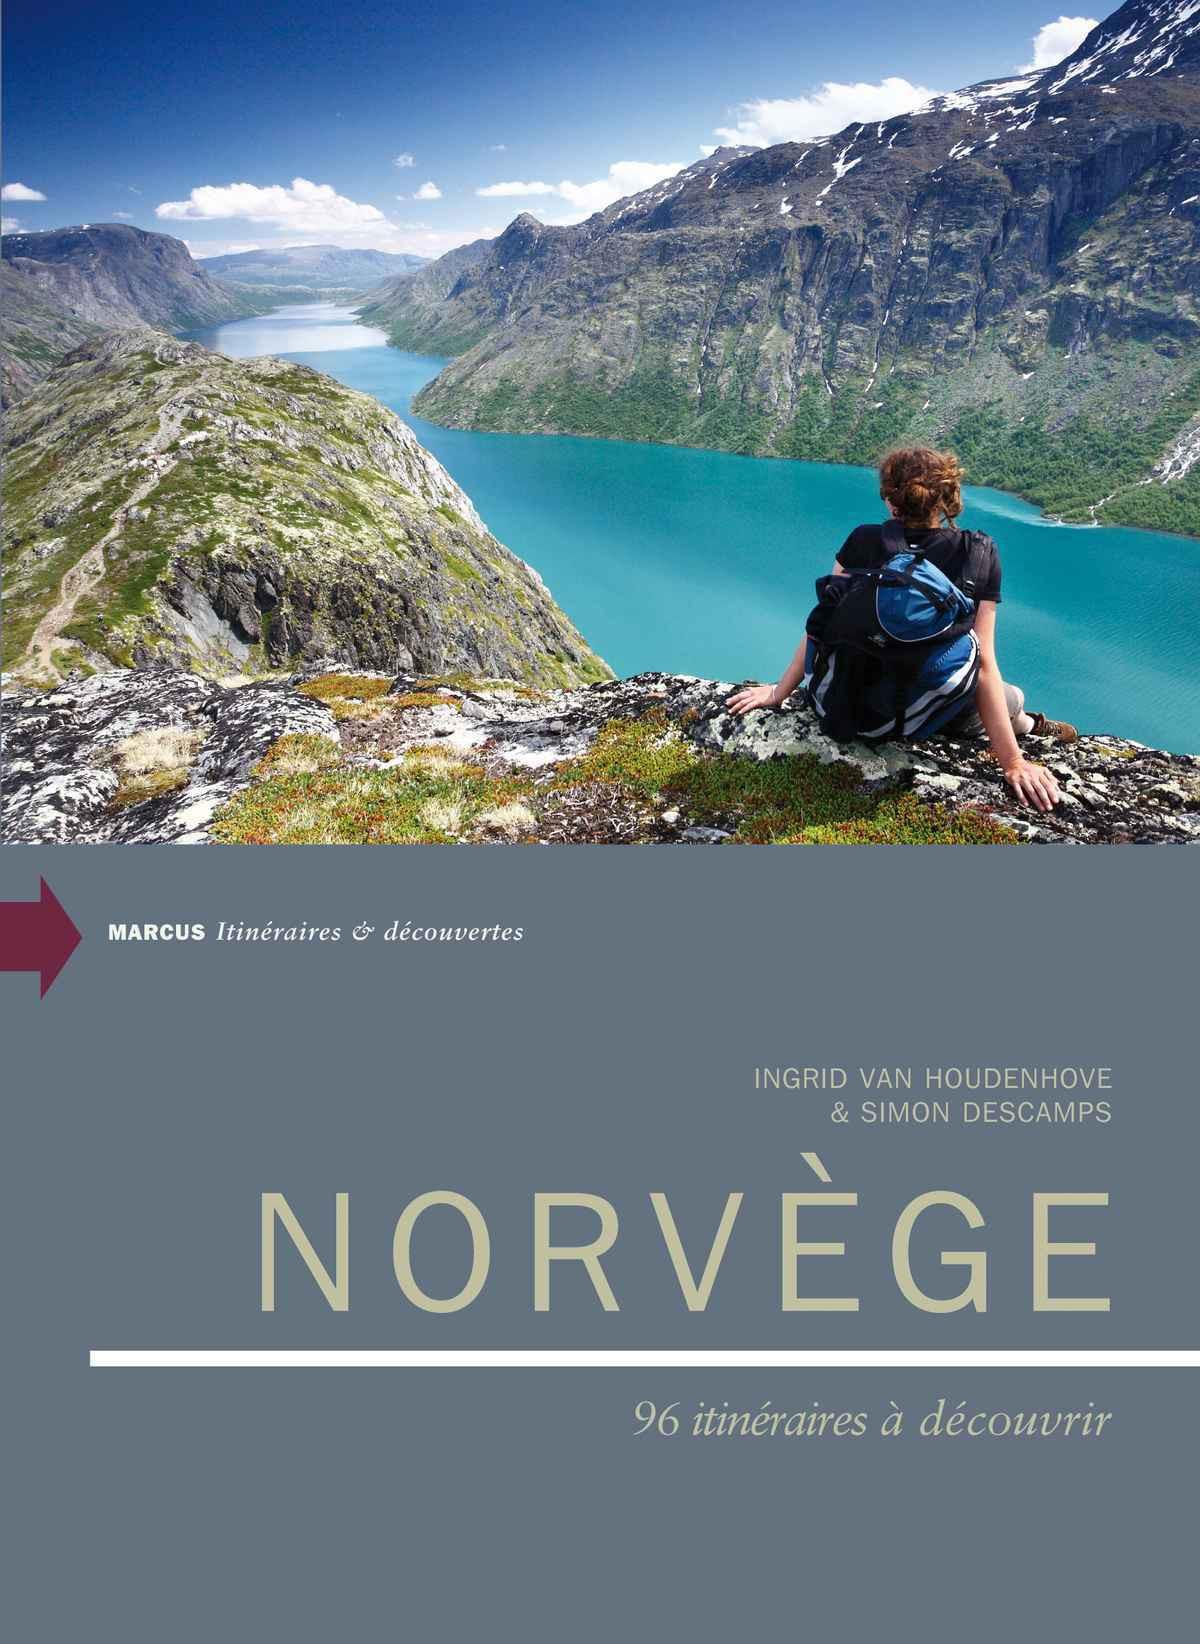 Norvège : itinéraires et découvertes - Editions Marcus